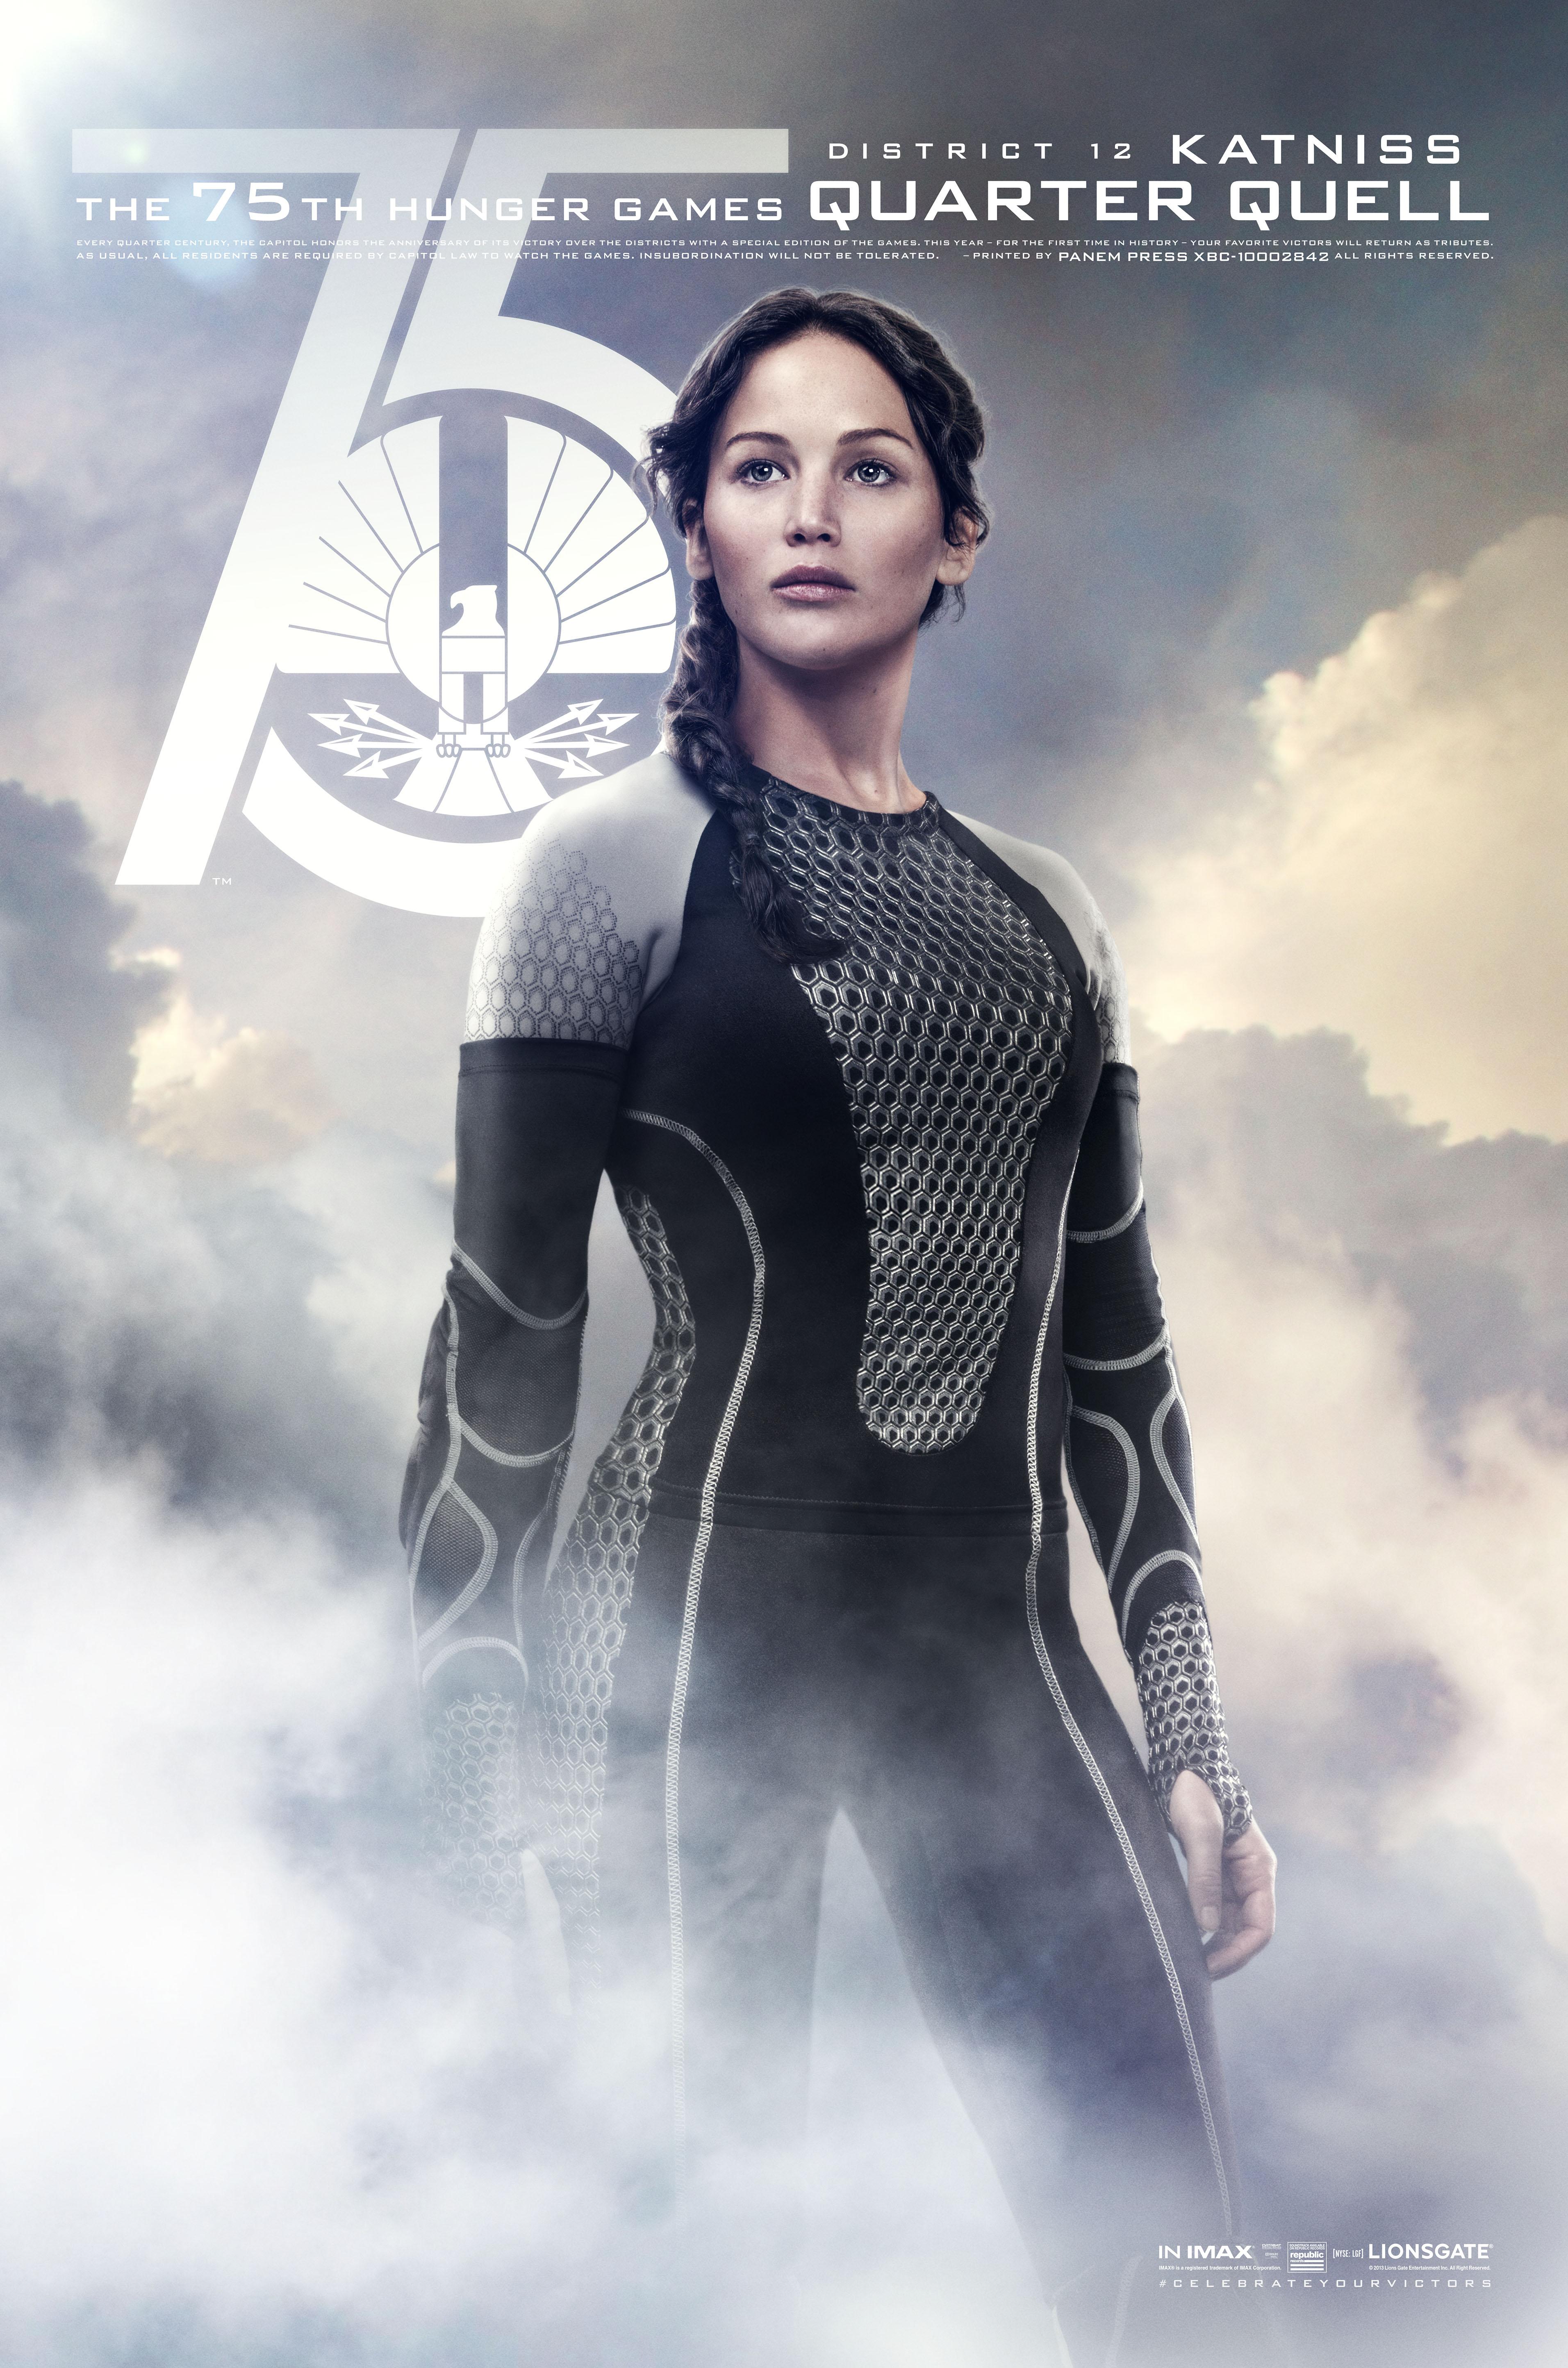 Hunger Games Quarter Quell Poster Katniss